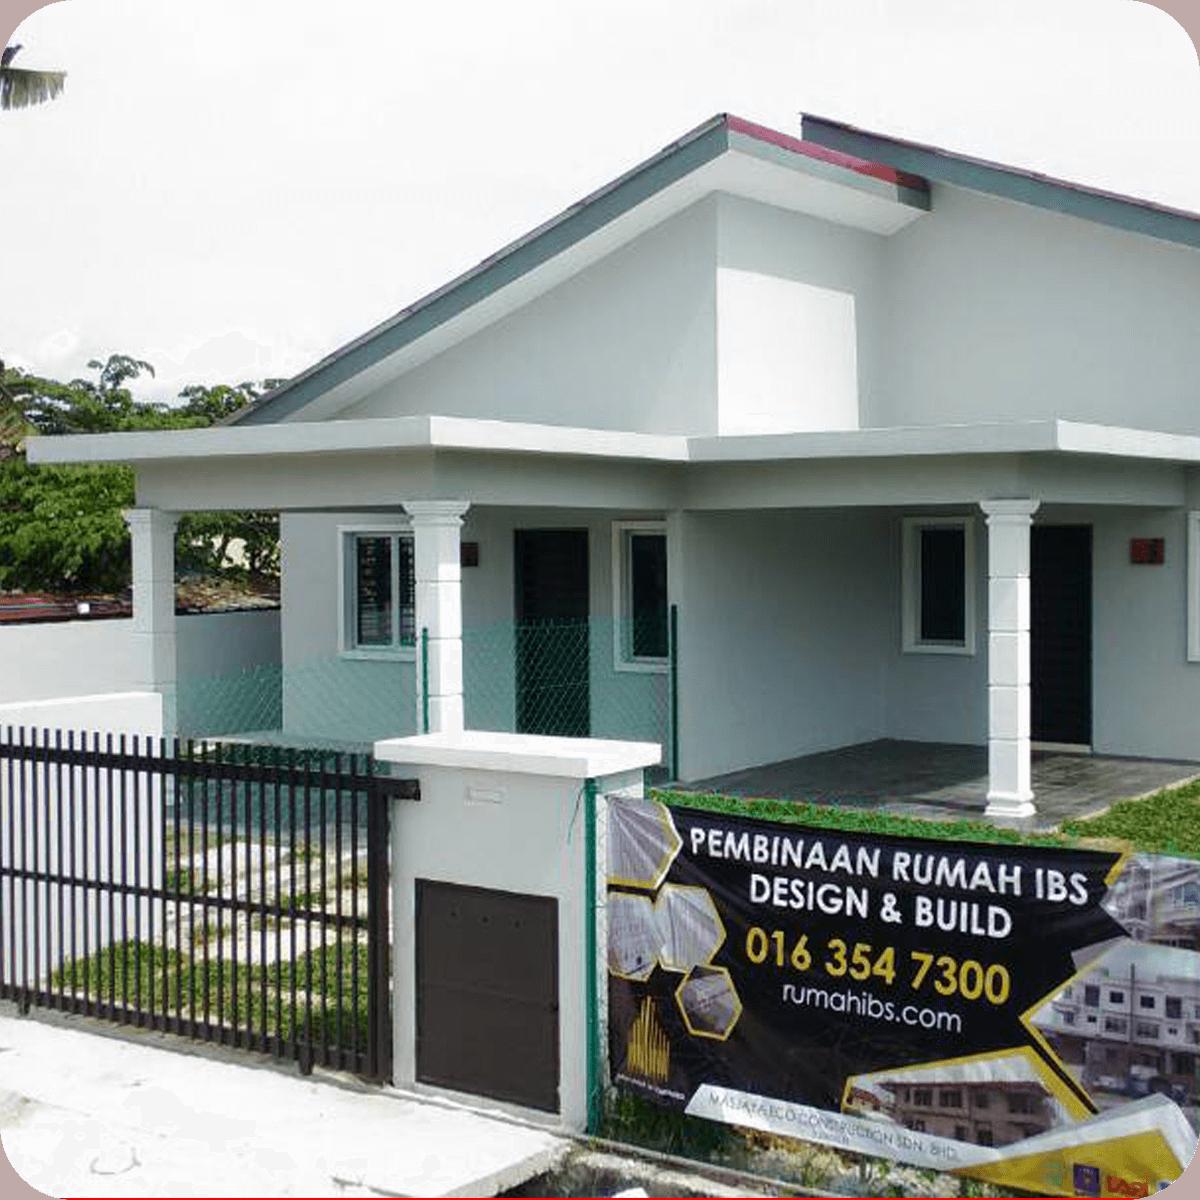 Rumah IBS | Kontraktor Bina Rumah IBS (LPPSA, KWSP & Tunai) 12